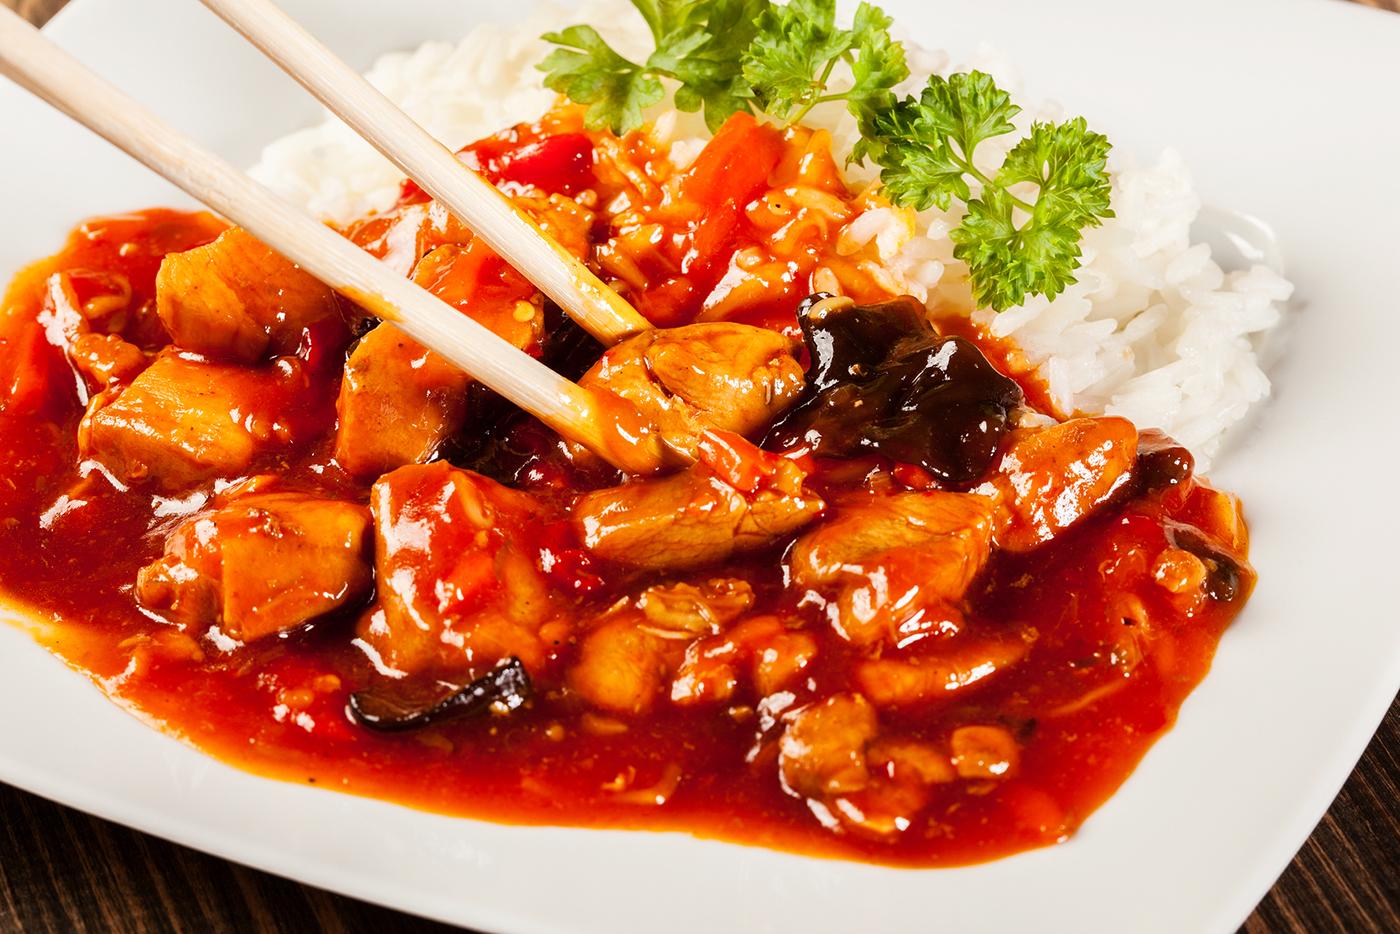 мясо по китайски в кисло сладком соусе рецепт фото музея влияют микроклимат